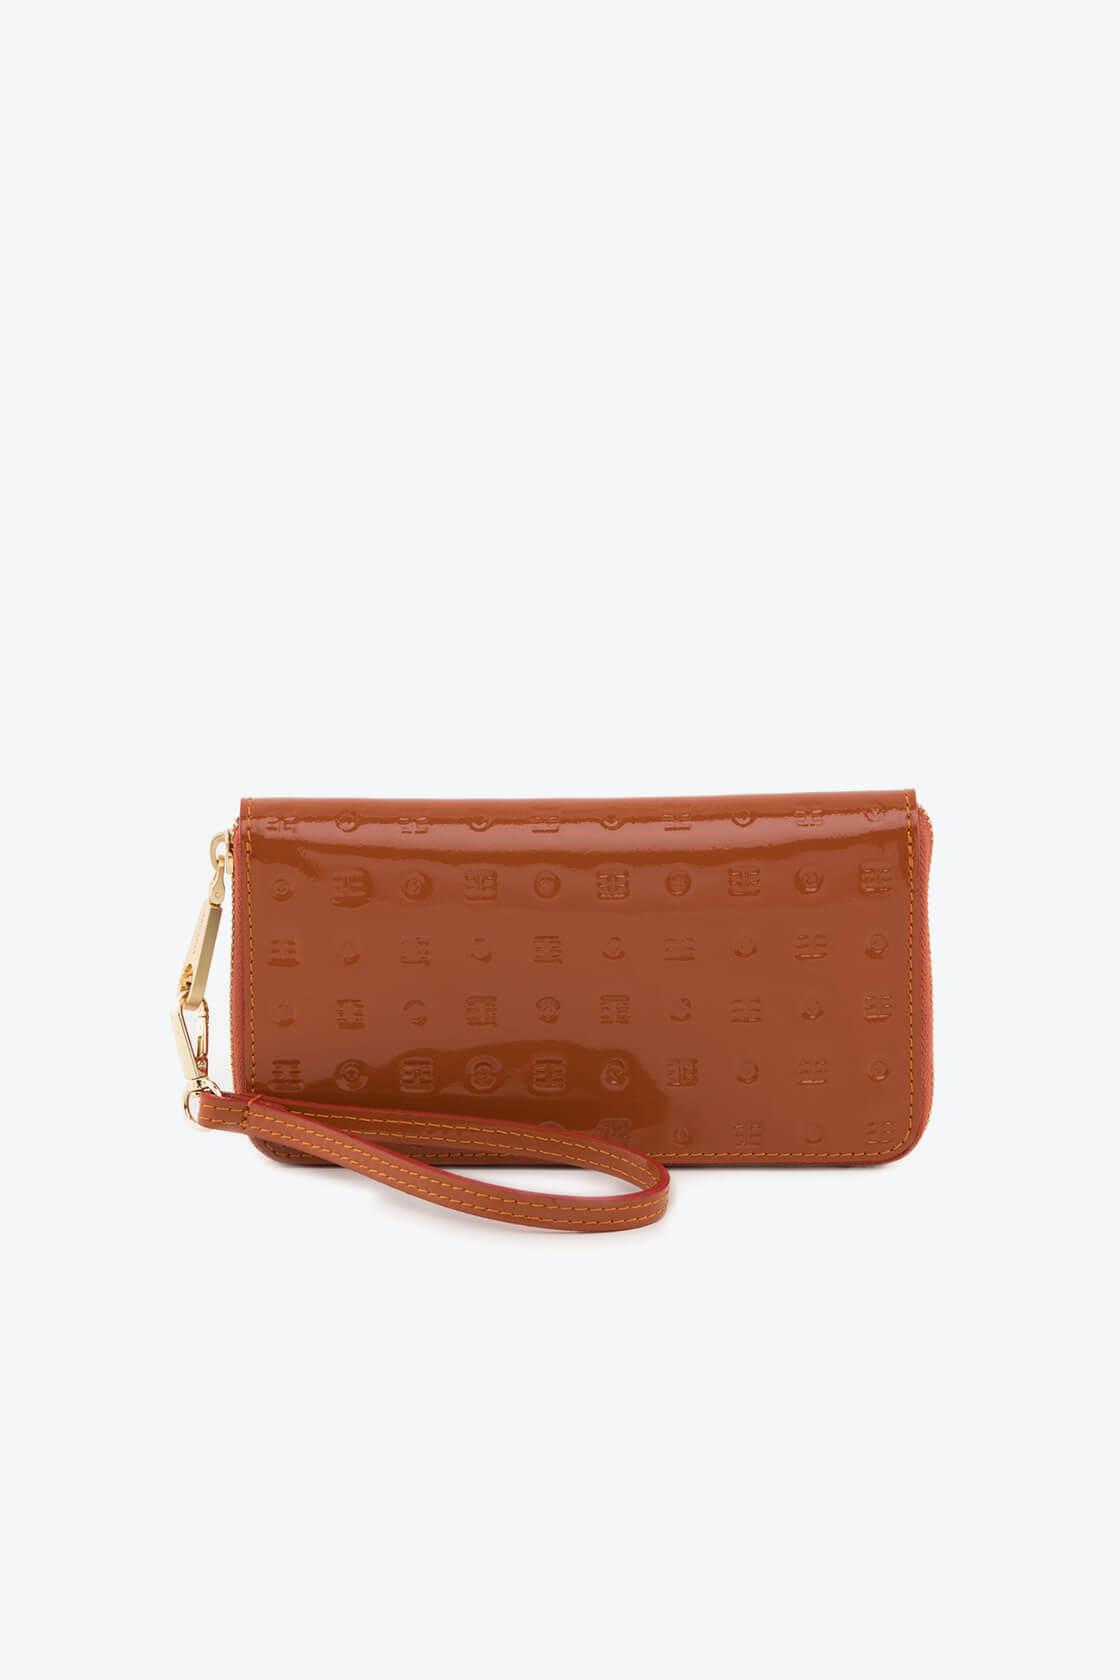 ol80000118 wristlet multi pockets wallet 1